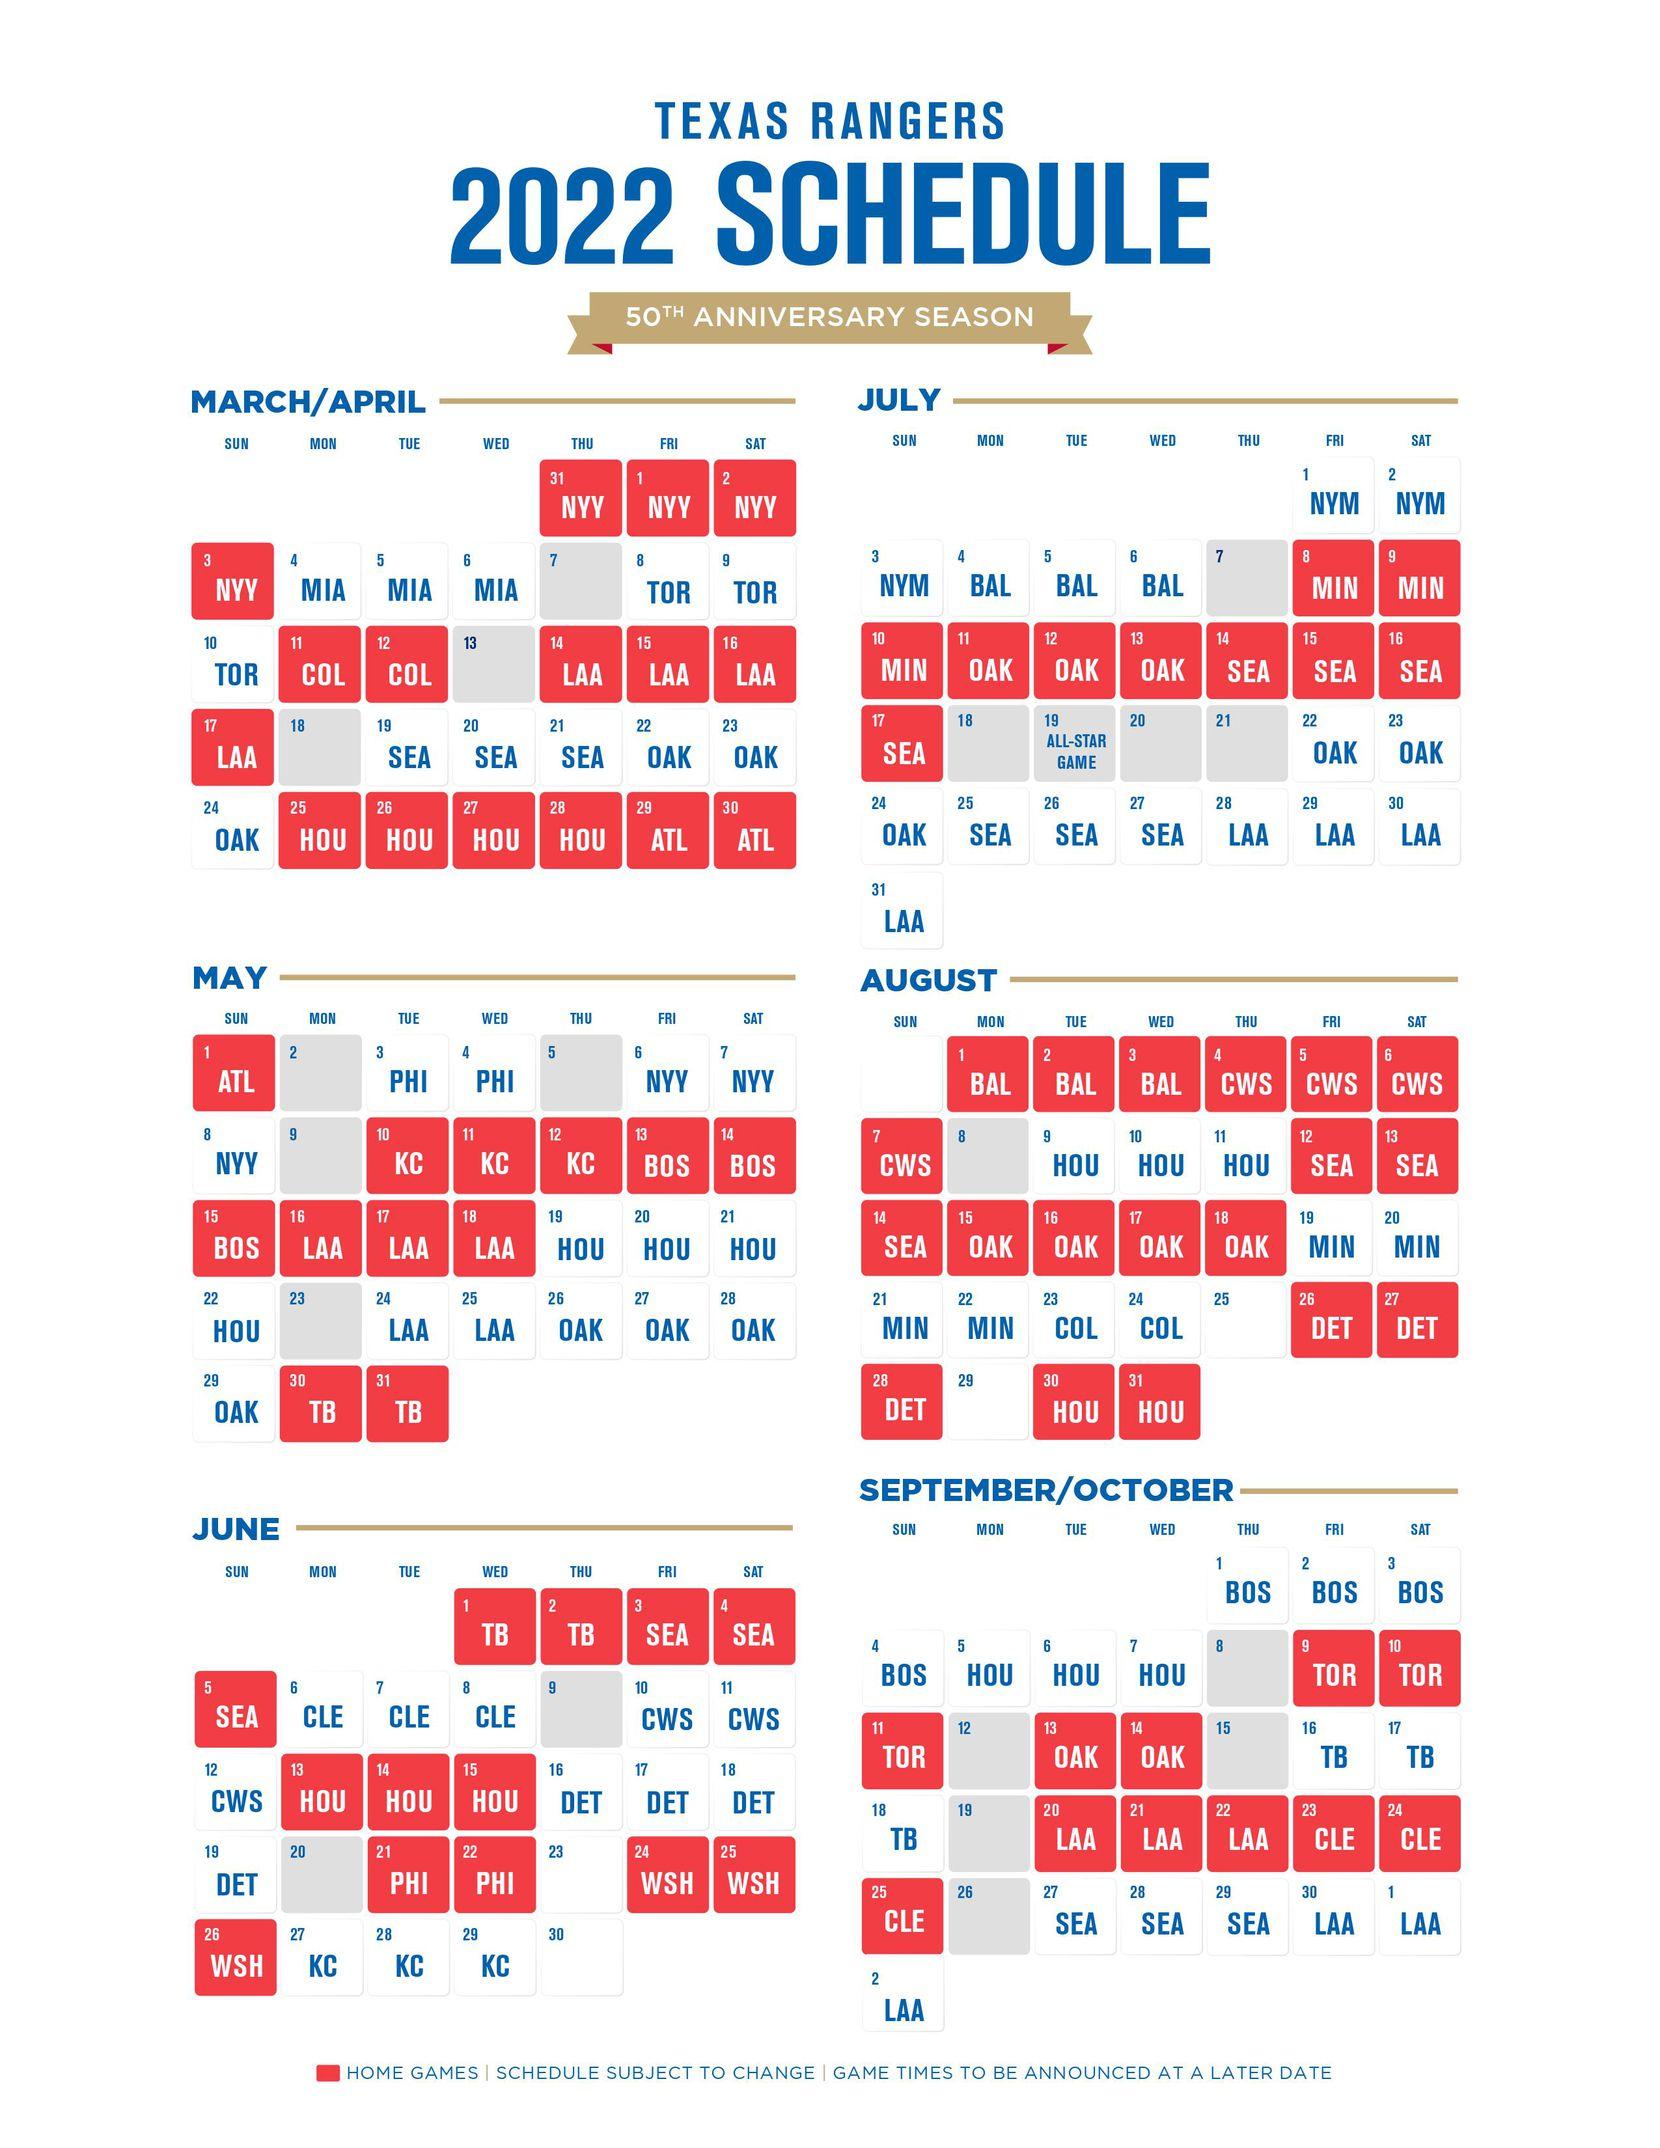 Calendario de la temporada 2022 de los Rangers de Texas.